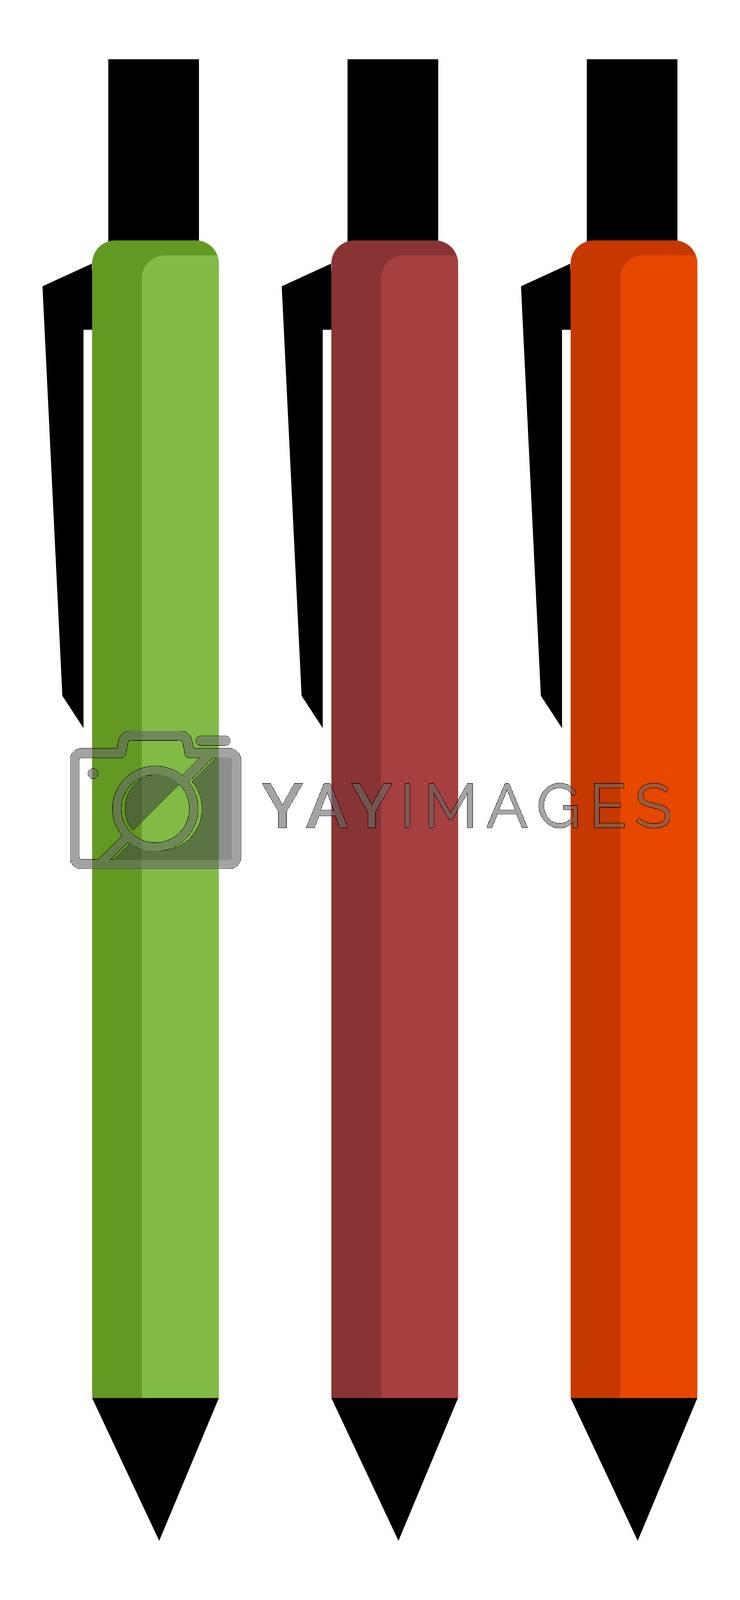 Pens, illustration, vector on white background